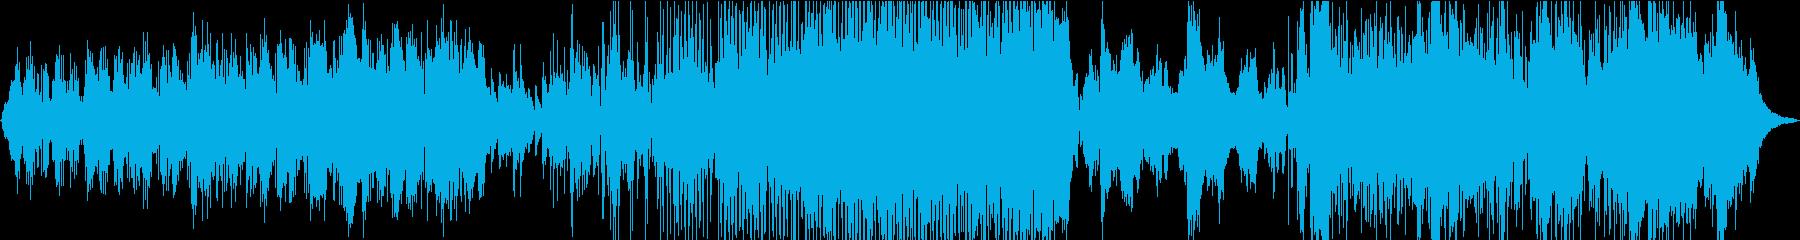 民族系声素材使用。妖しいダンス曲の再生済みの波形